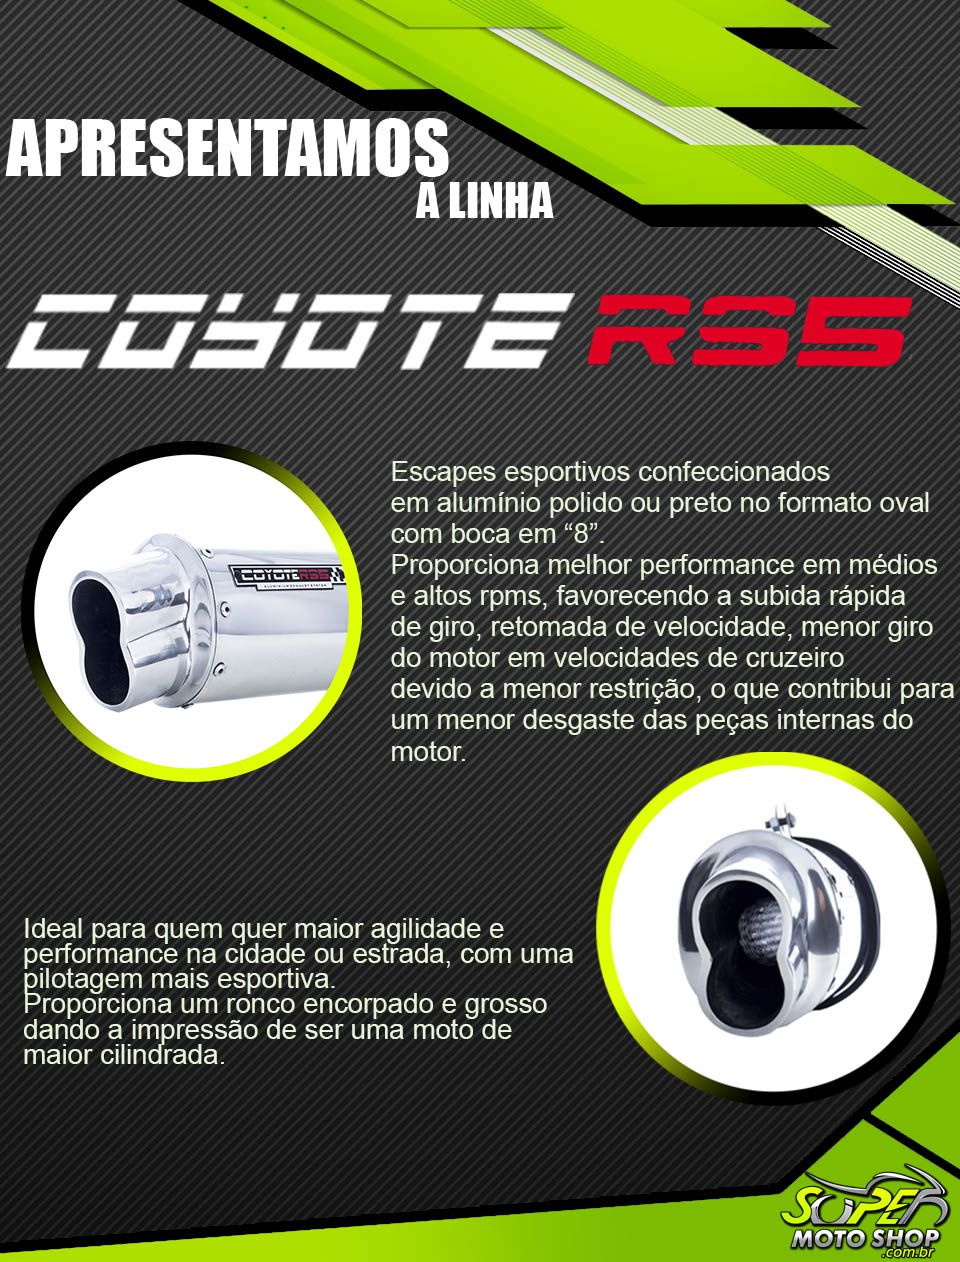 Escape / Ponteira Coyote RS5 Boca 8 Aluminio Oval - XT 600 1997 em Diante - Yamaha